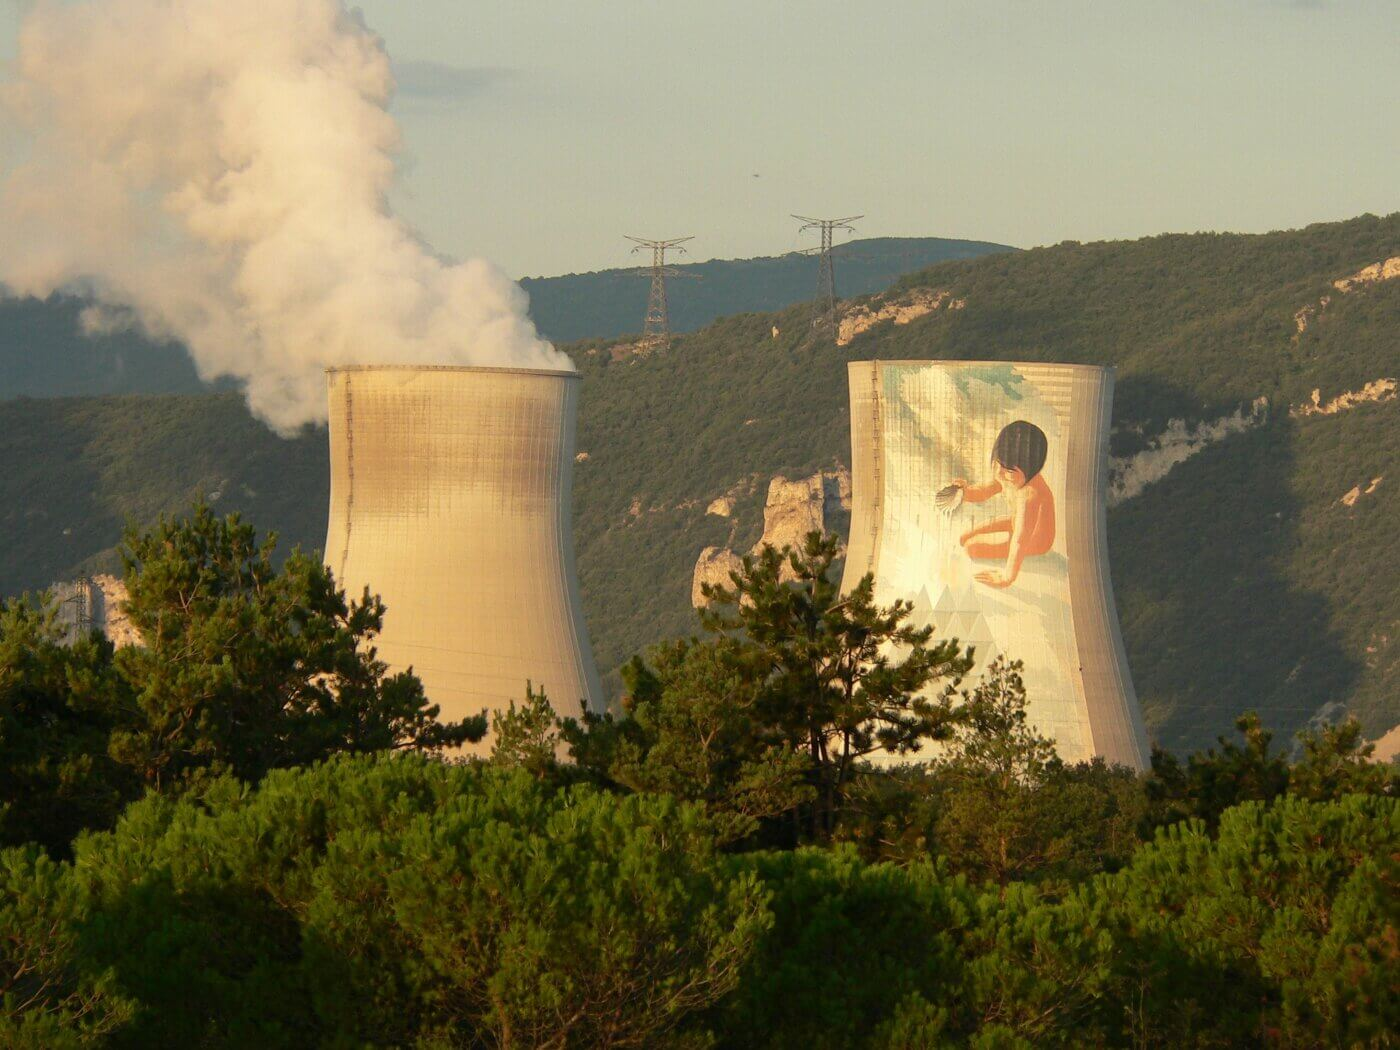 Das Kernkraftwerk Cruas in der Ardèche (Frankreich), seit 1991 schmückt ein Kunstwerk den nördlichen Kühlturm. Foto: David Roumanet / Pixabay